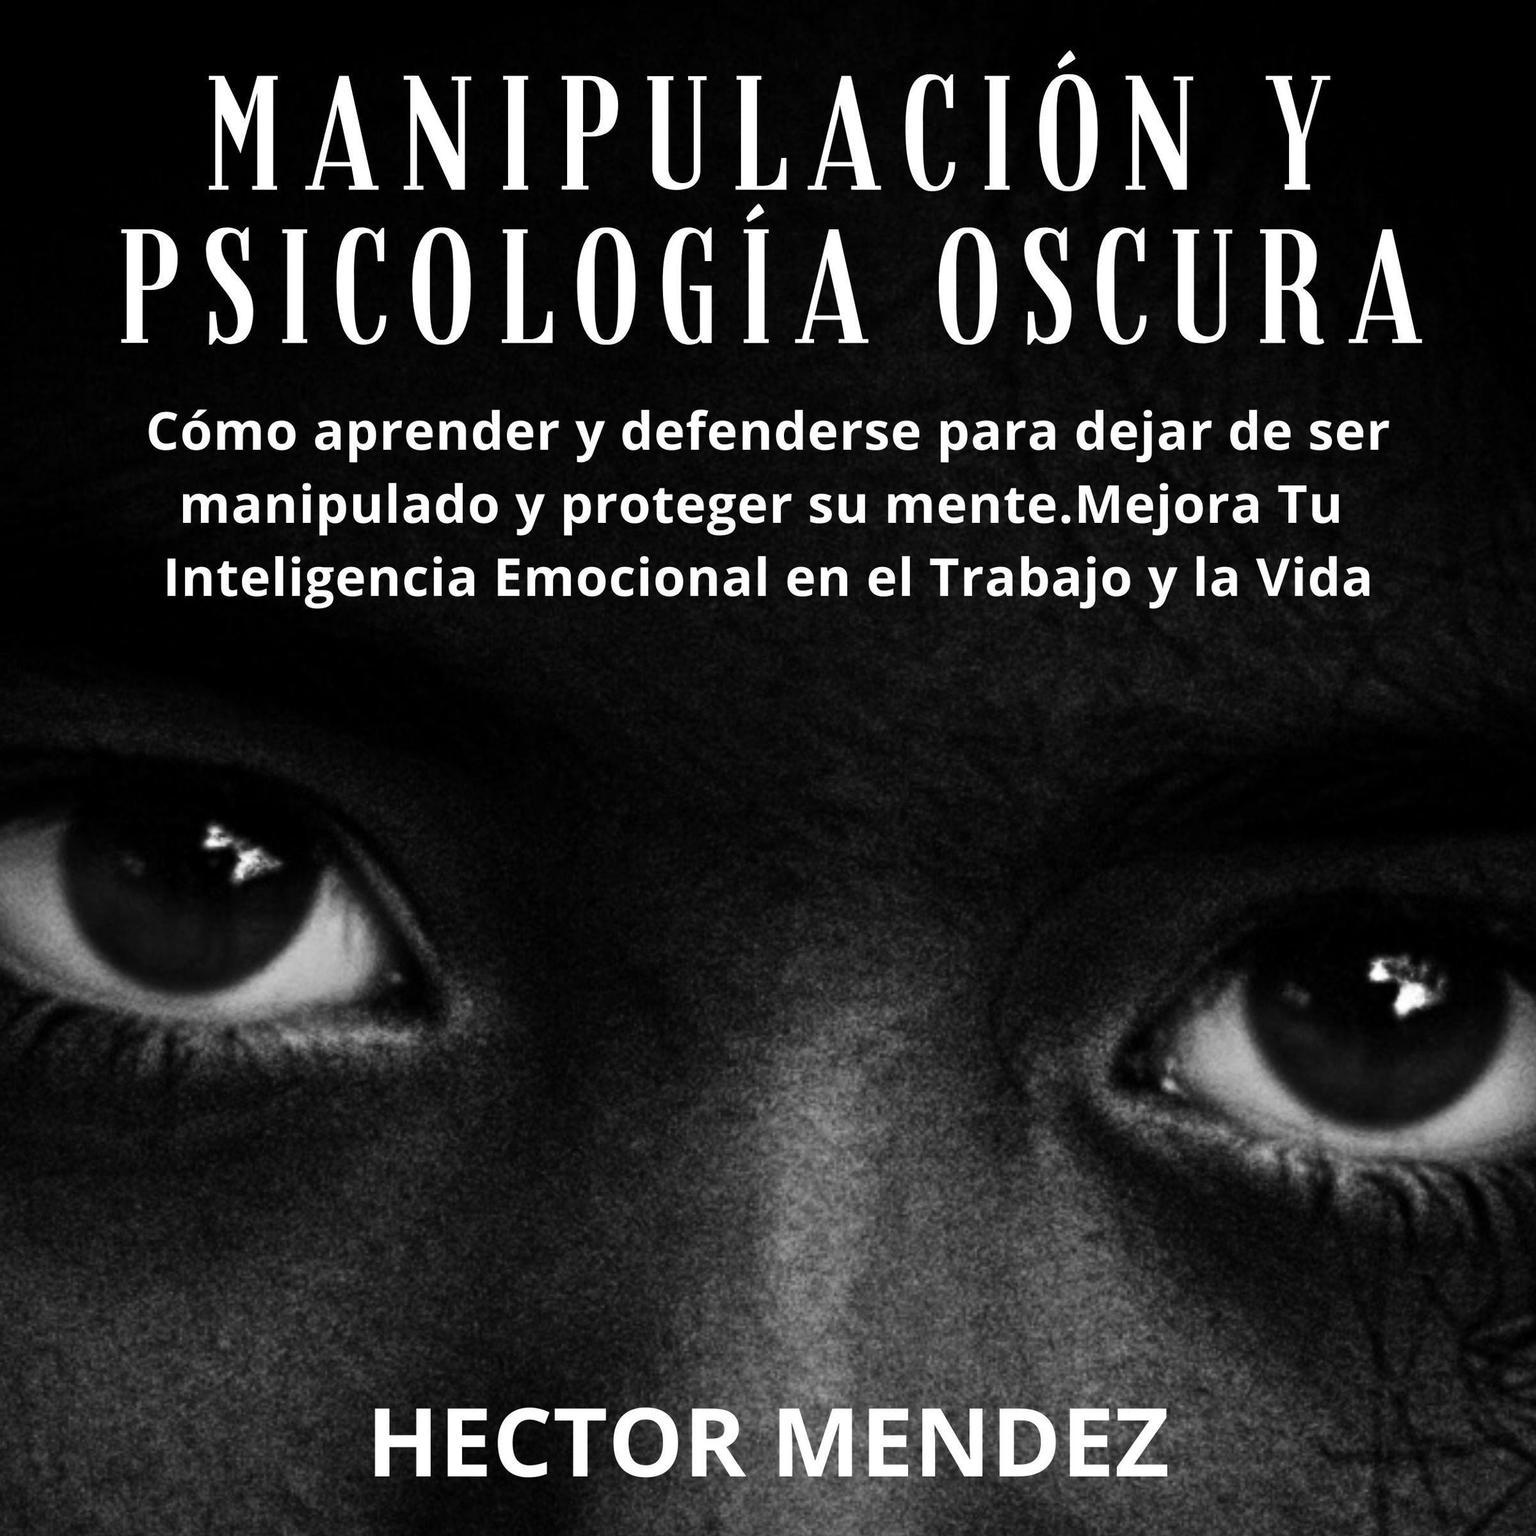 Manipulación y Psicología Oscura: Cómo aprender y defenderse para dejar de ser manipulado y proteger su mente.Mejora Tu Inteligencia Emocional en el Trabajo y la Vida Audiobook, by Hector Mendez